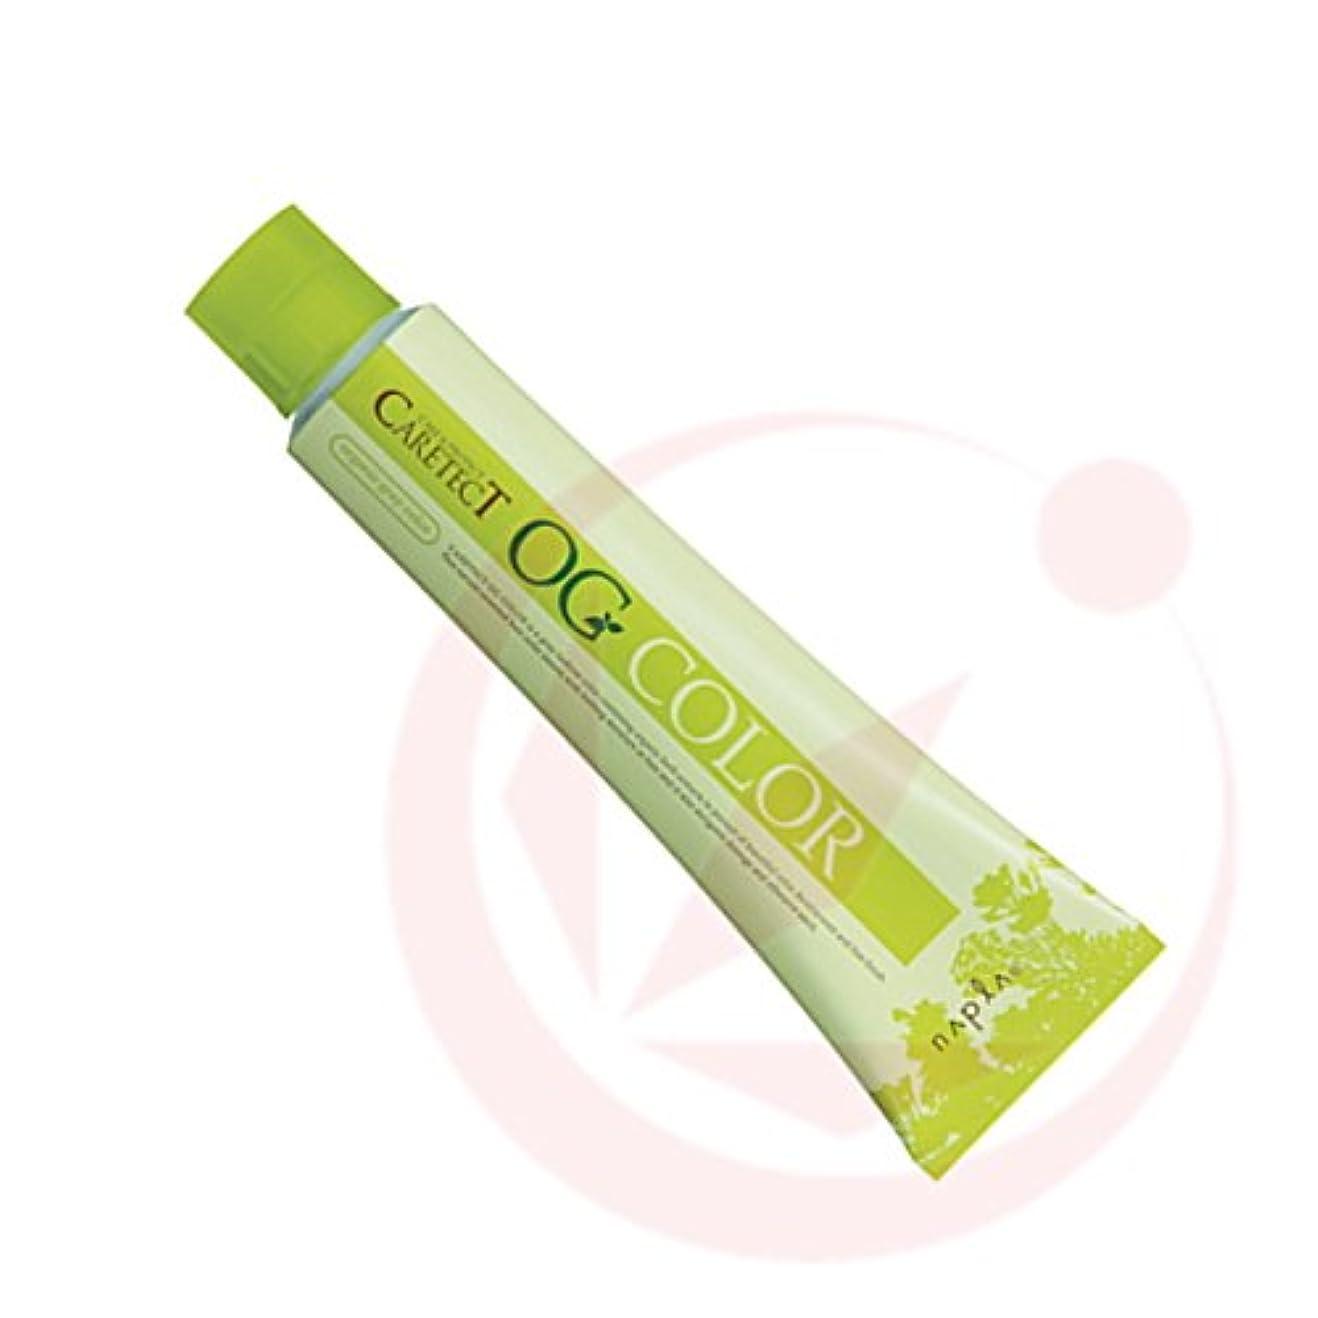 ラジウム存在する噛むナプラ ケアテクトOG カラー ココア 80g(1剤) 【ココア】O-Co6